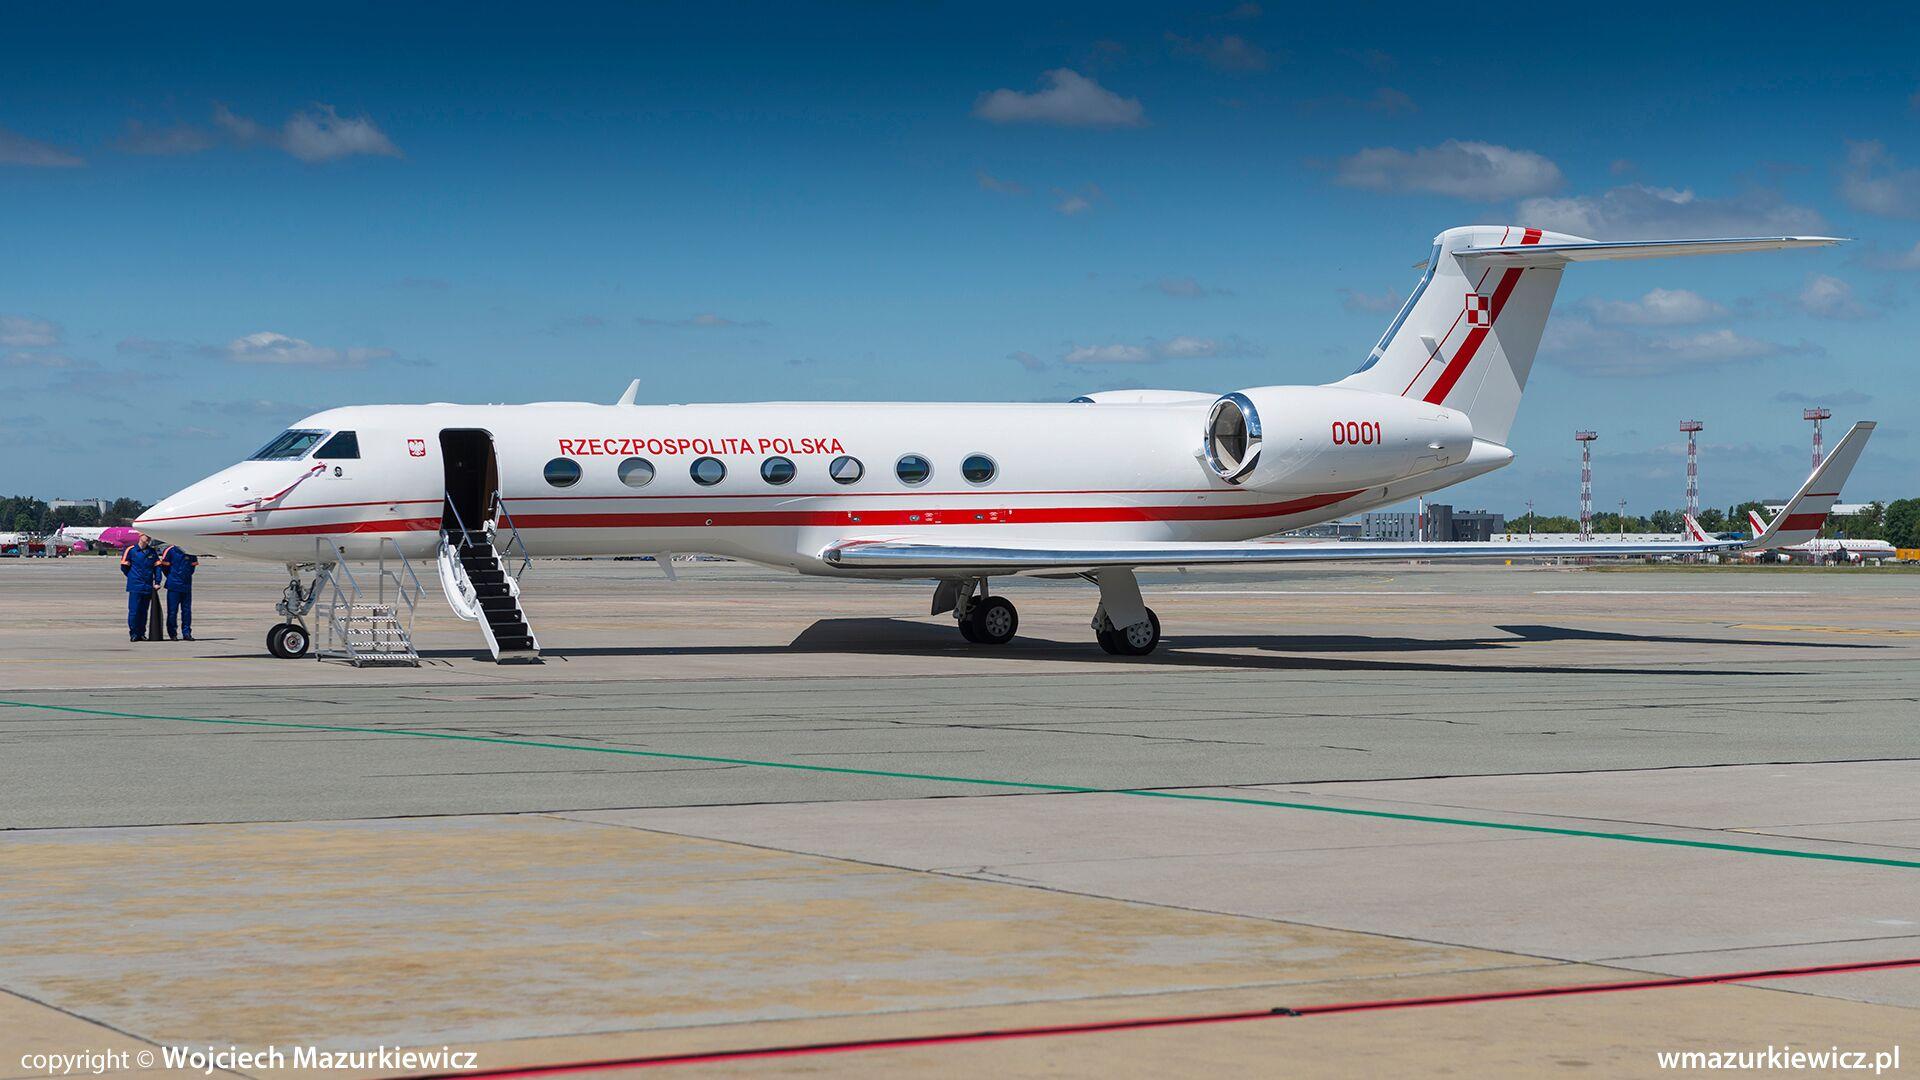 """Первый полученный ВВС Польши административный самолет Gulfstream G550 (бортовой номер """"0001"""", название """"Ksi"""